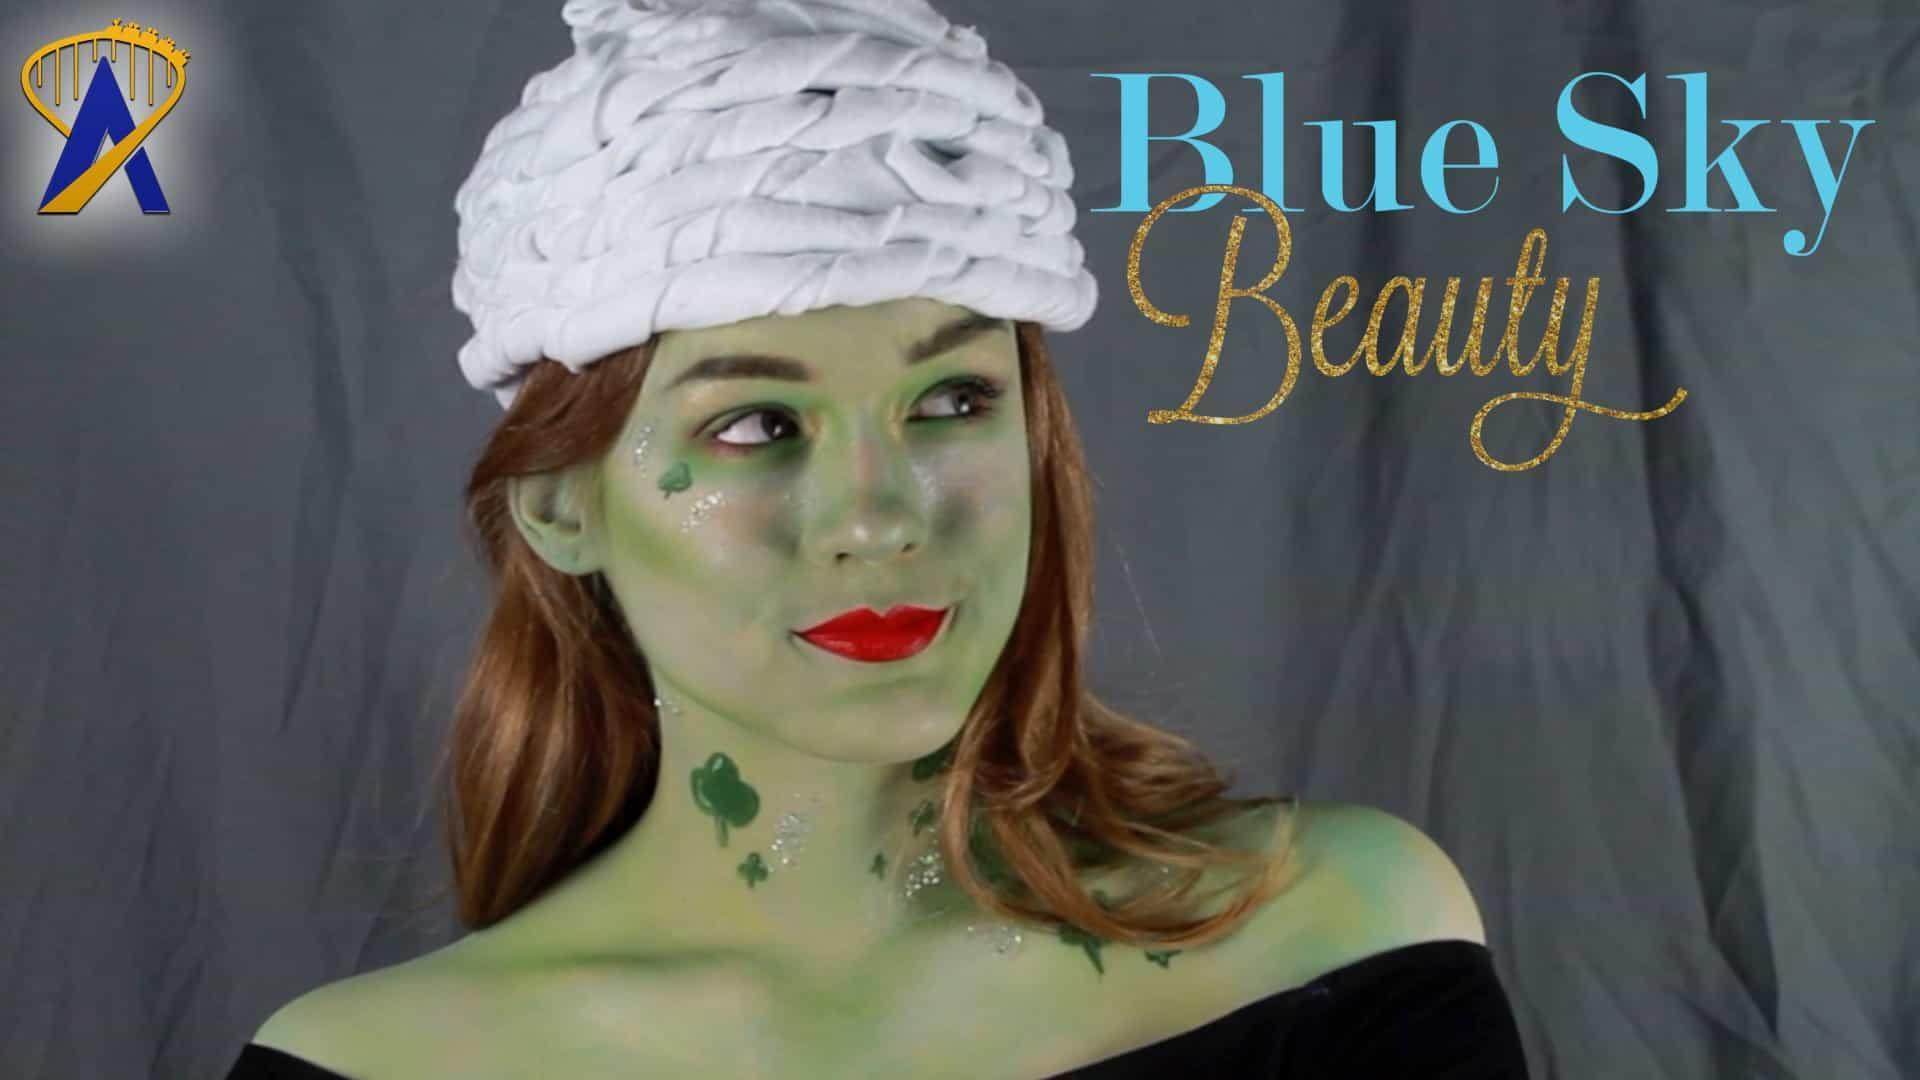 Blue Sky Beauty - Pretty for St. Patrick's Day (Shamrock ...